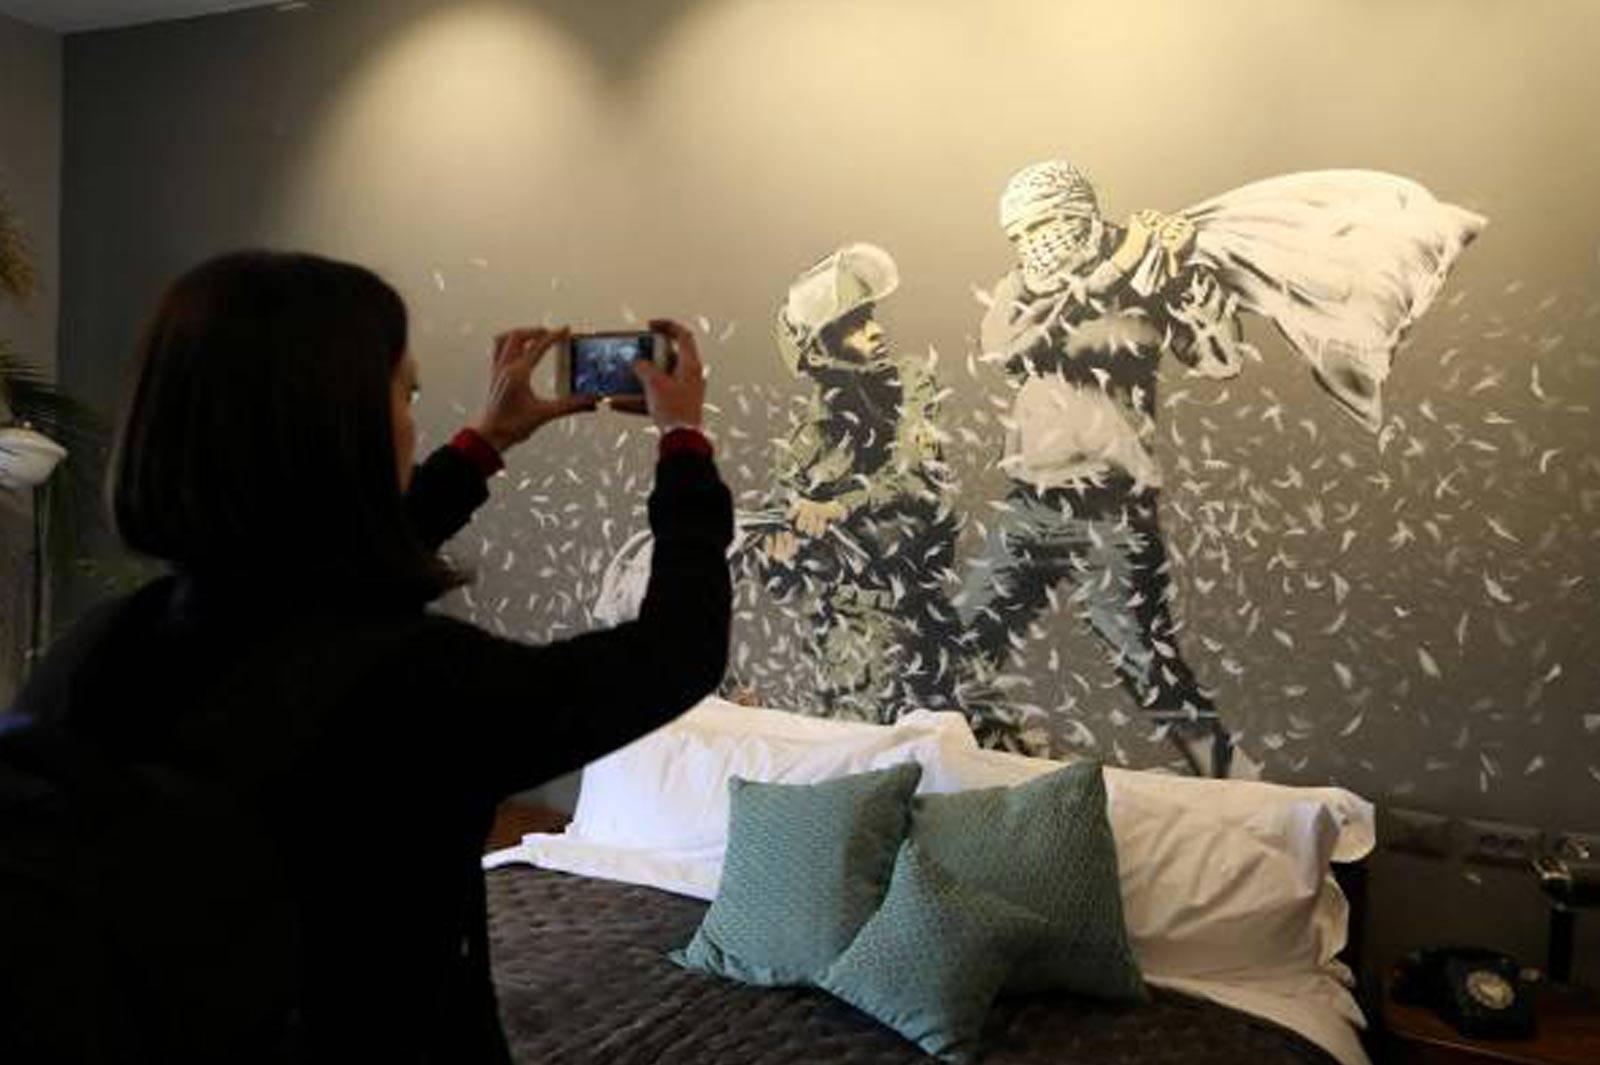 'Dünyanın en kötü manzarasına sahip' oteli Banksy imzalı